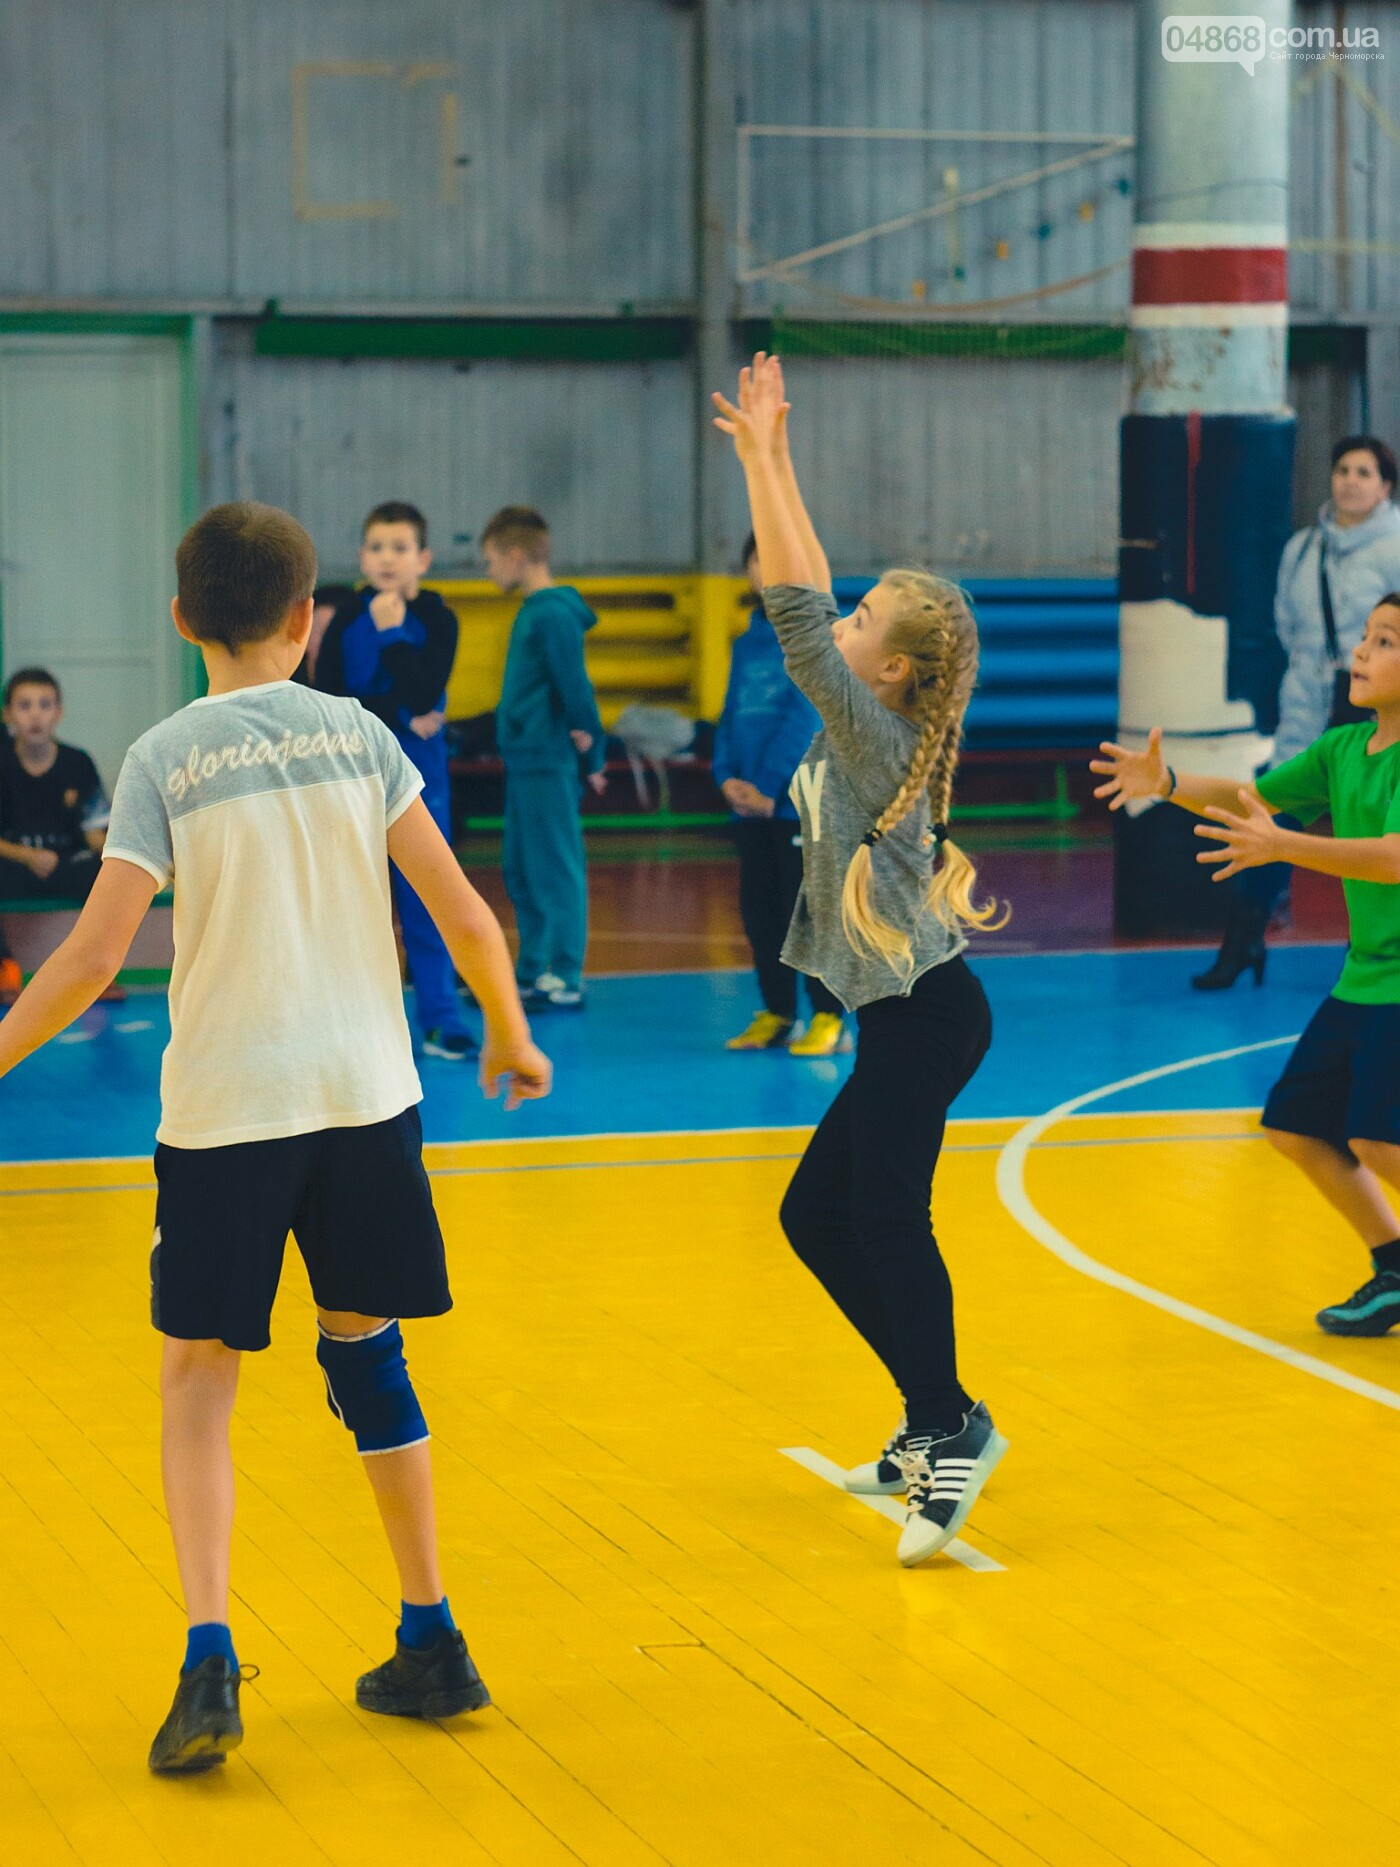 В Черноморске прошли школьные соревнования по мини-волейболу, фото-7